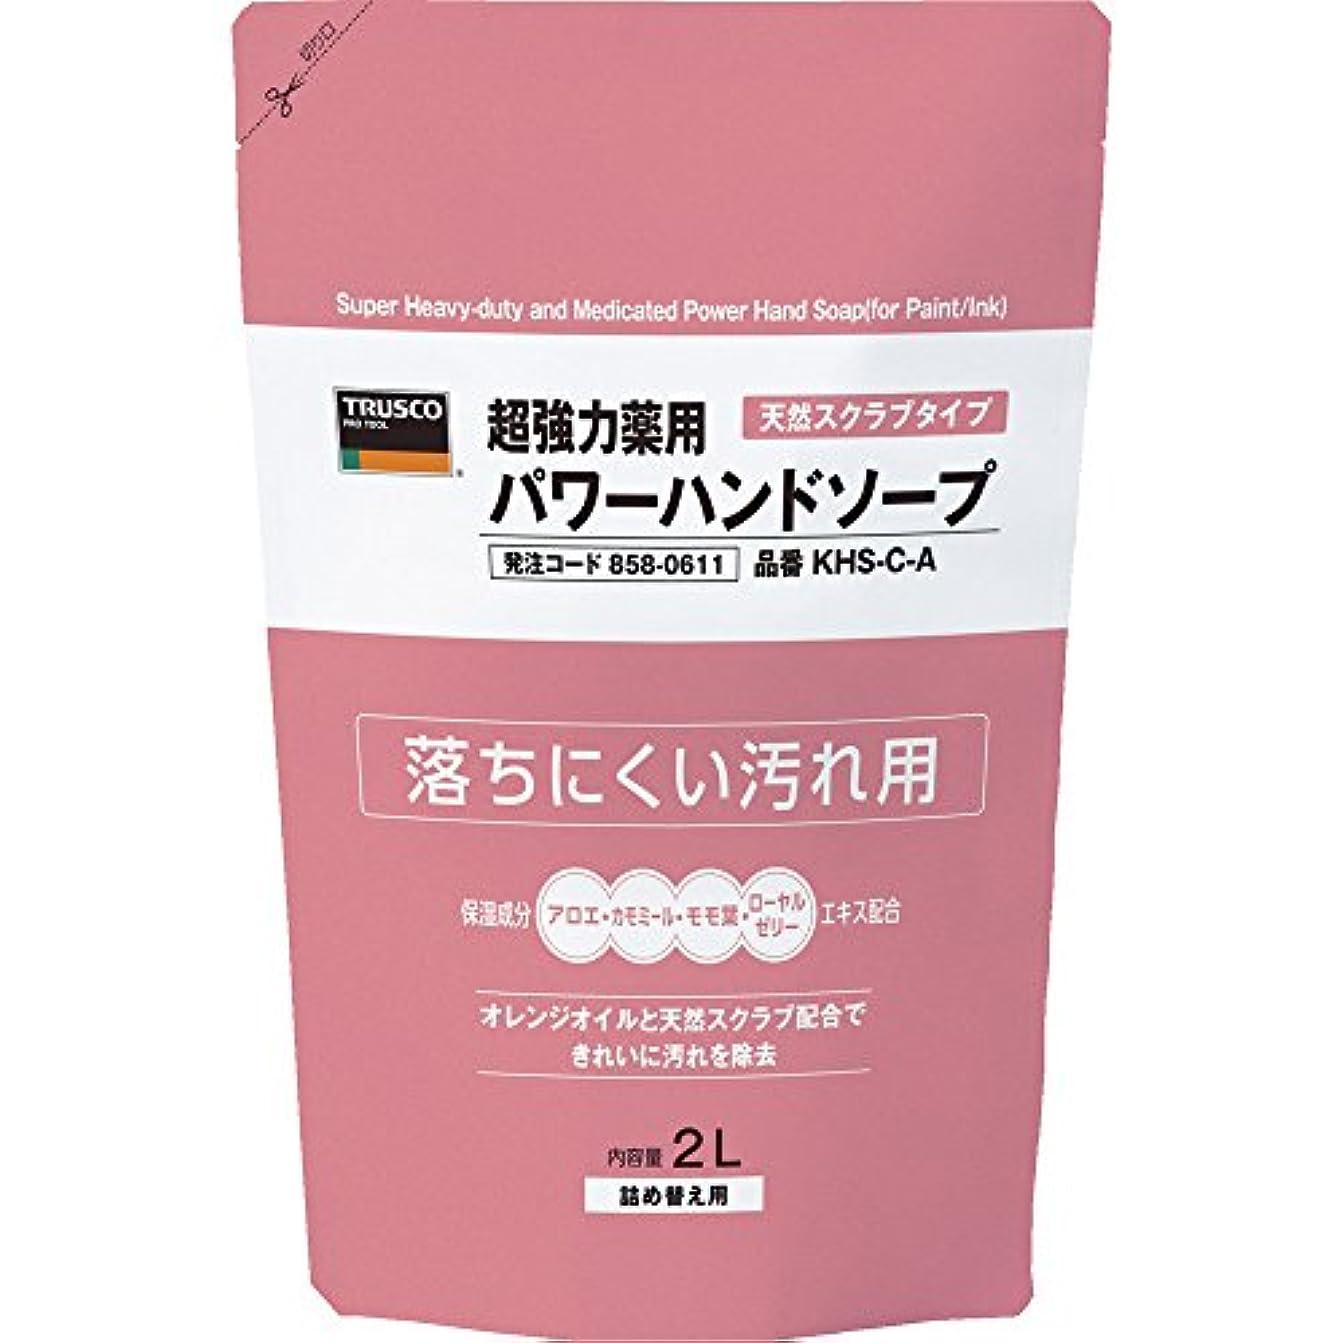 プリーツ薬を飲むバンドルTRUSCO(トラスコ) 薬用超強力パワーハンドソープ詰替パック 2.0L KHS-C-A